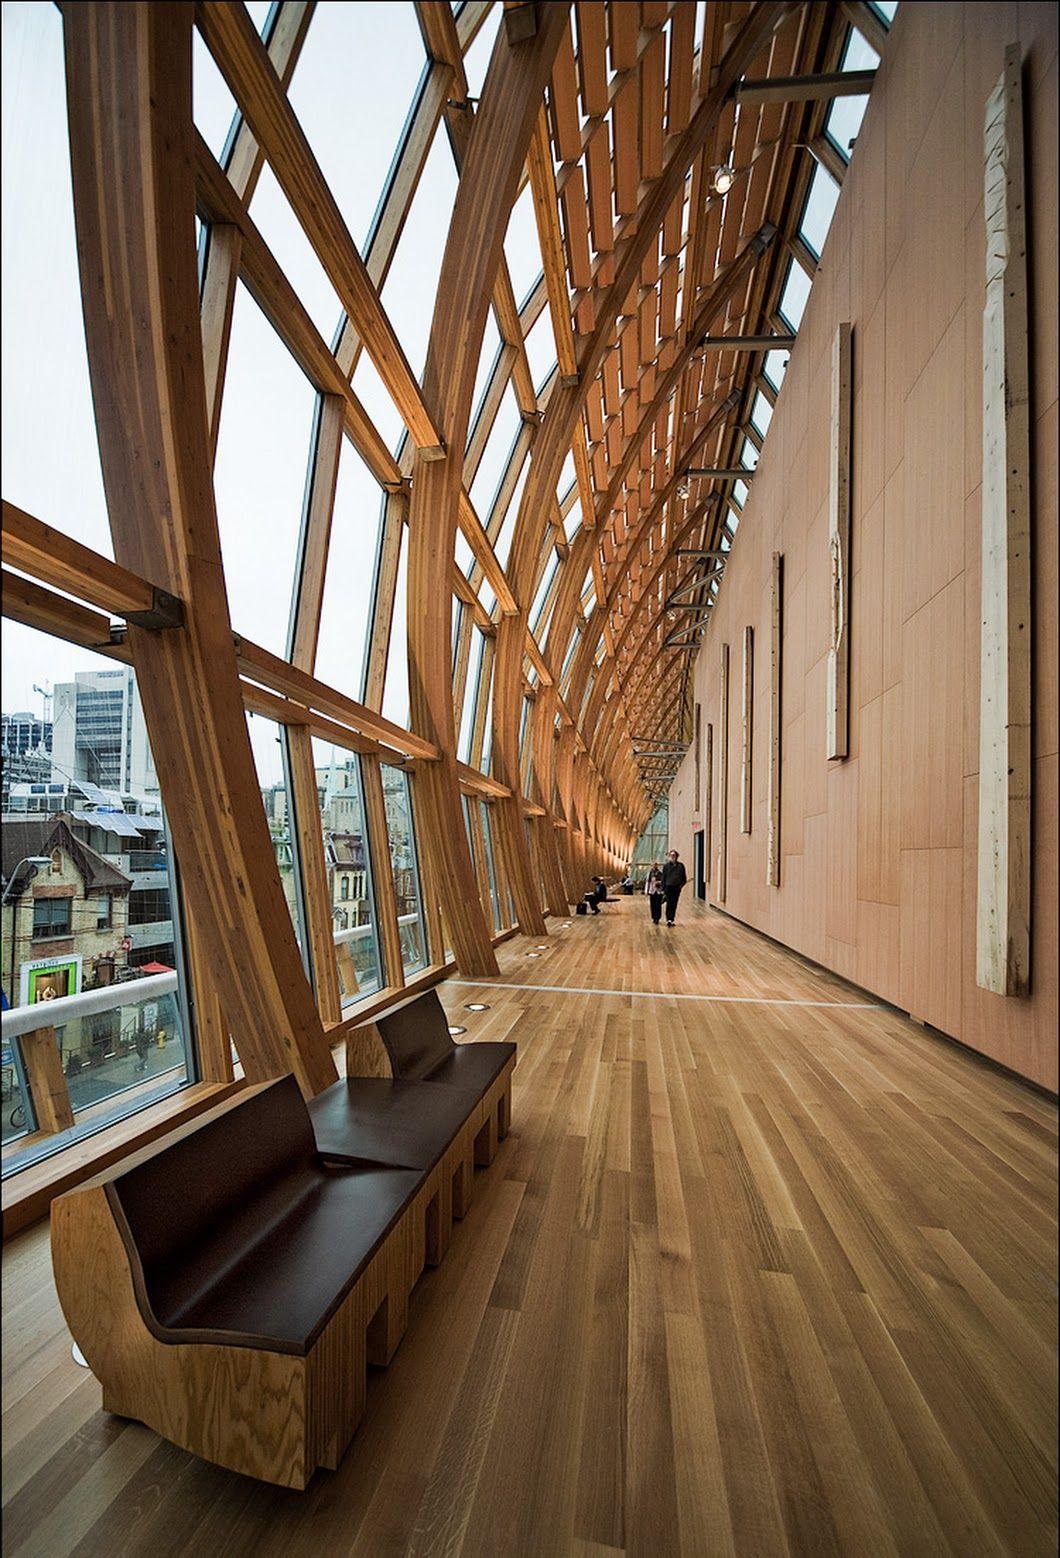 Pingl par karen l rosario sur wood arquitectura for Arquitectura parametrica pdf